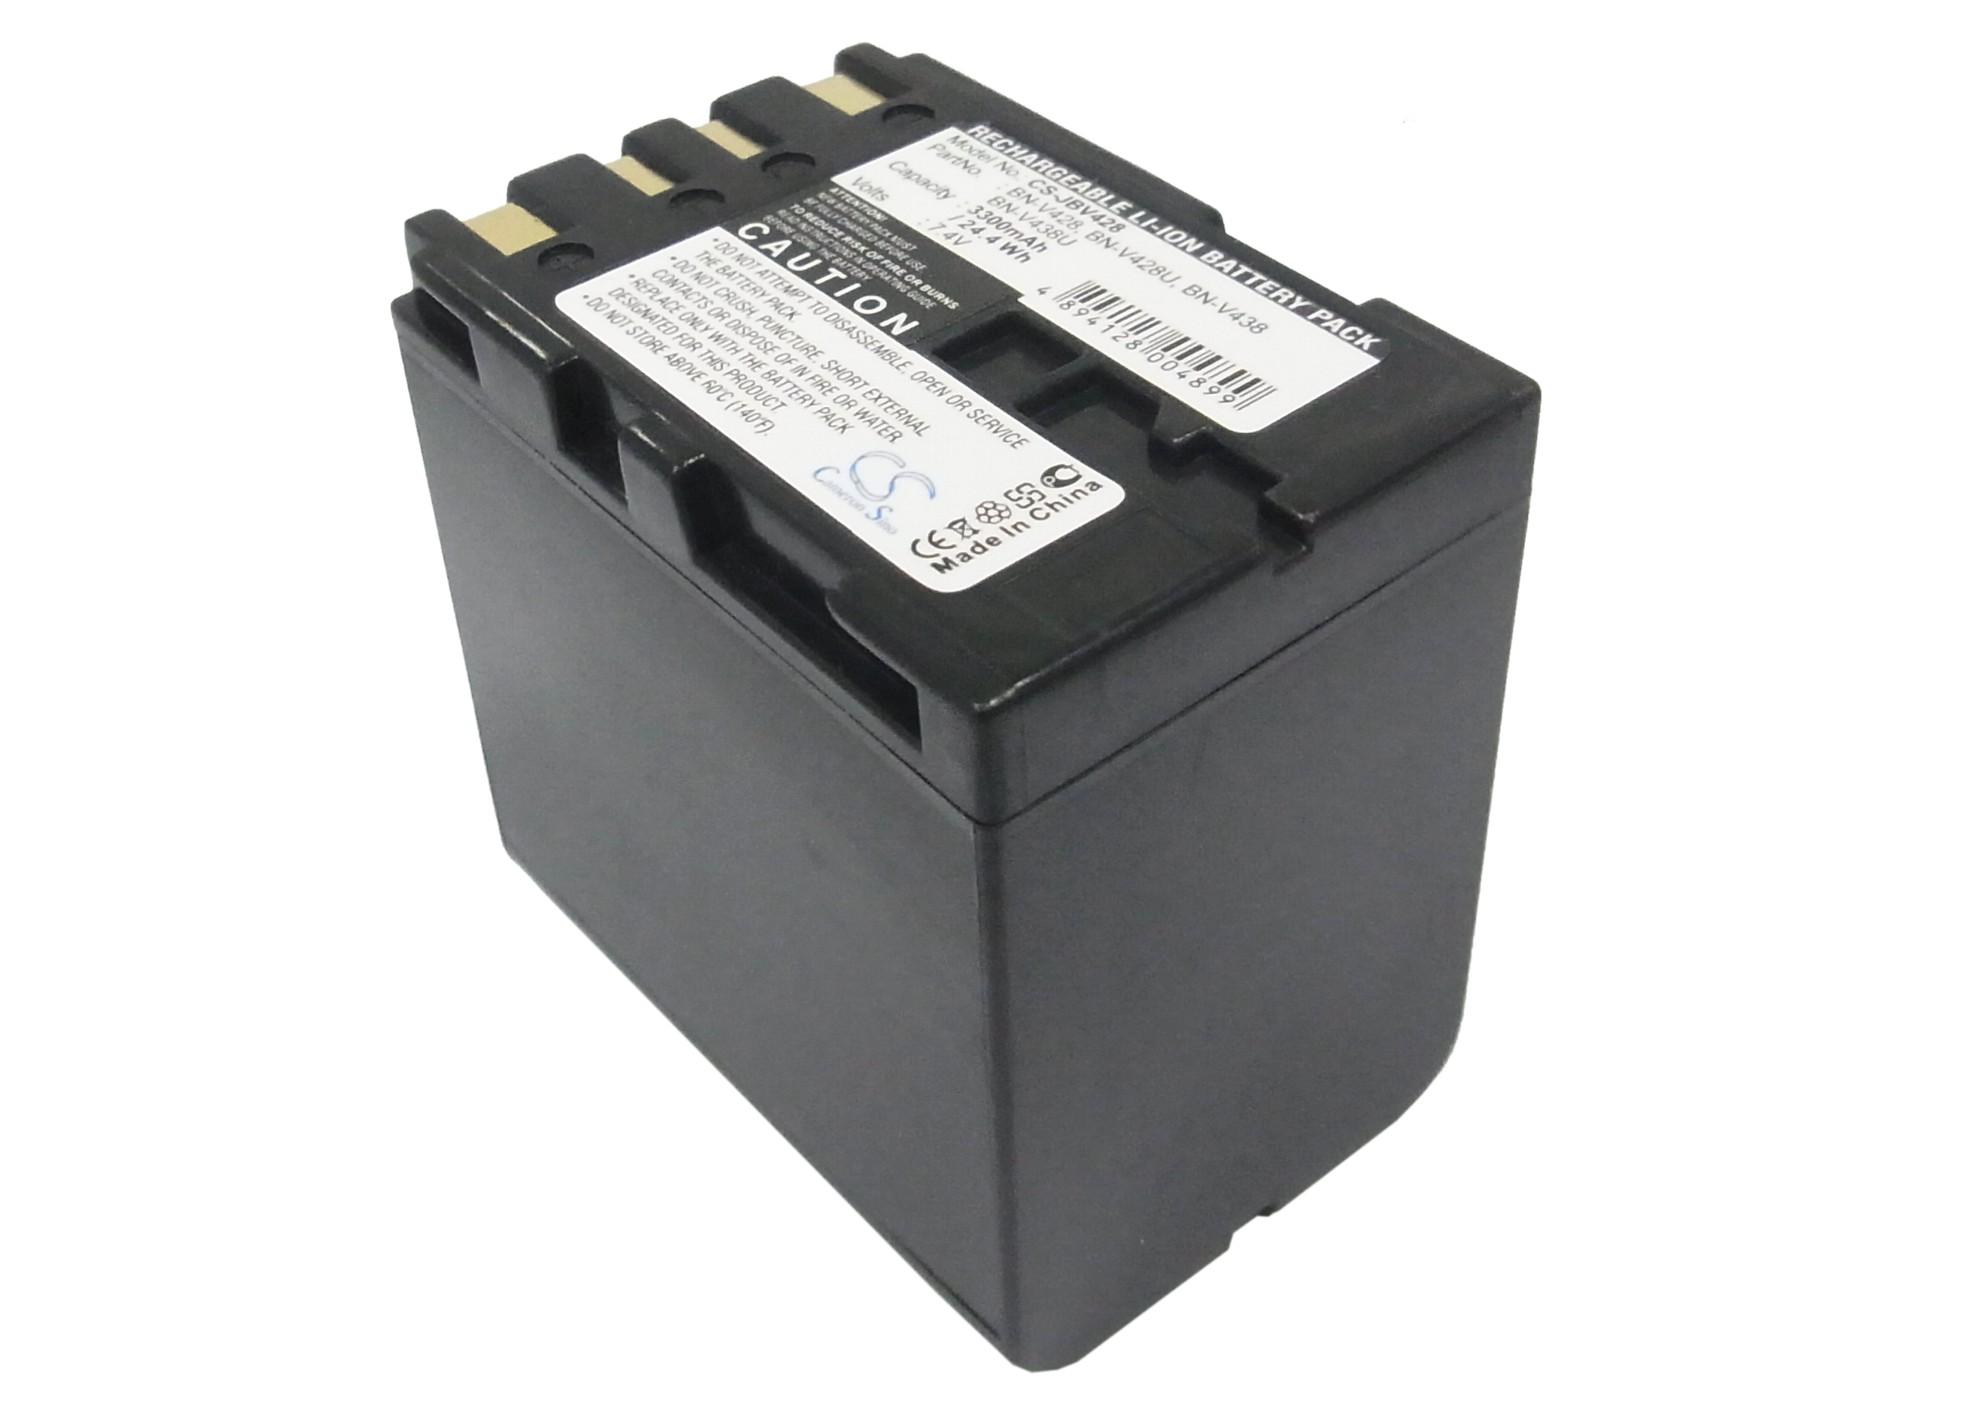 Cameron Sino baterie do kamer a fotoaparátů pro JVC GR-D73 7.4V Li-ion 3300mAh tmavě šedá - neoriginální